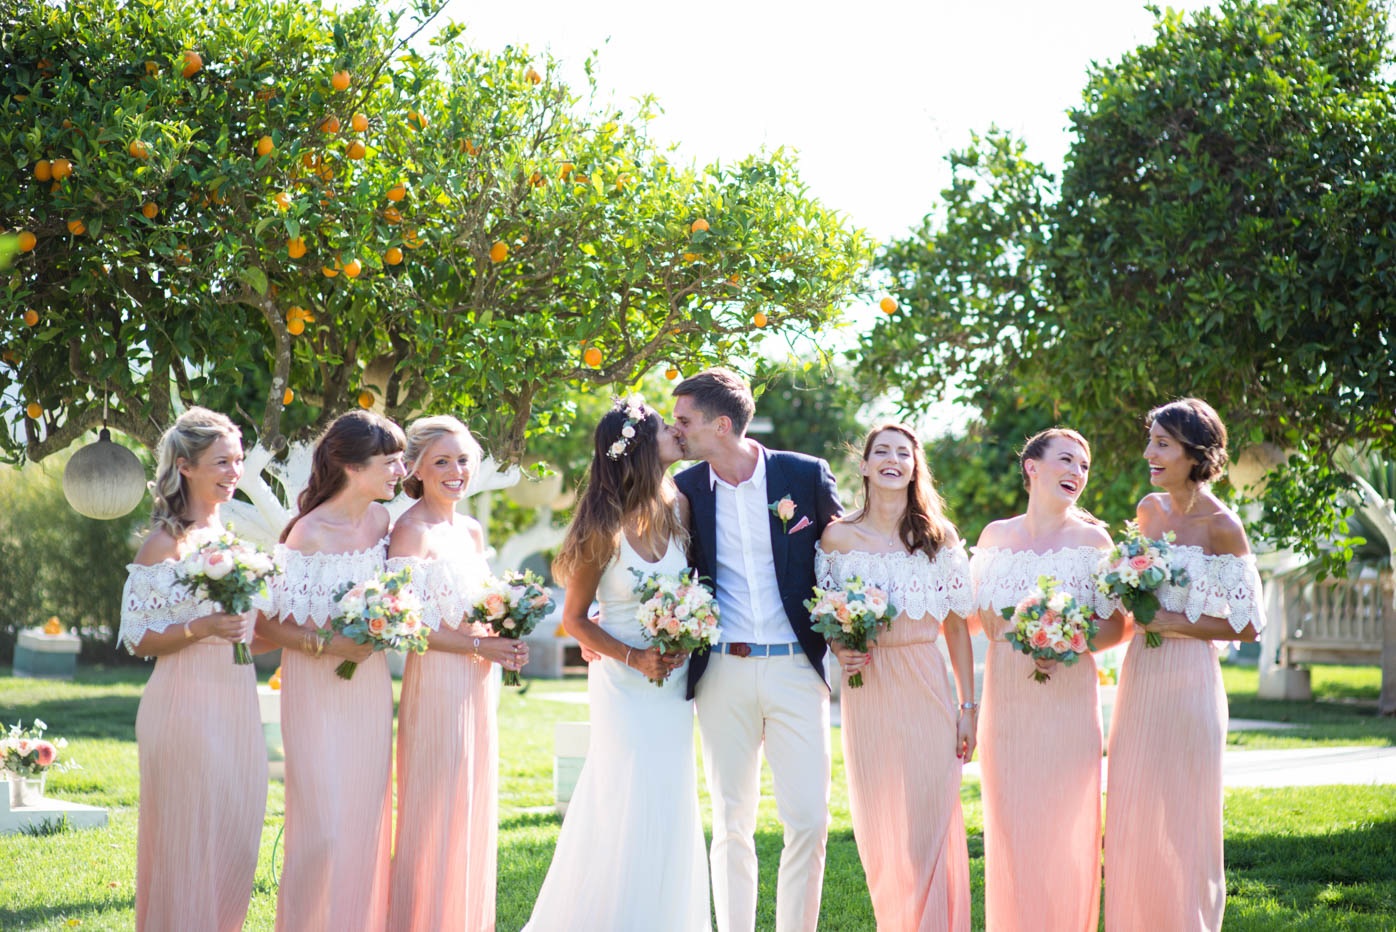 Sarah & Philip - Gypsy Westwood - Ibiza Wedding Photographer